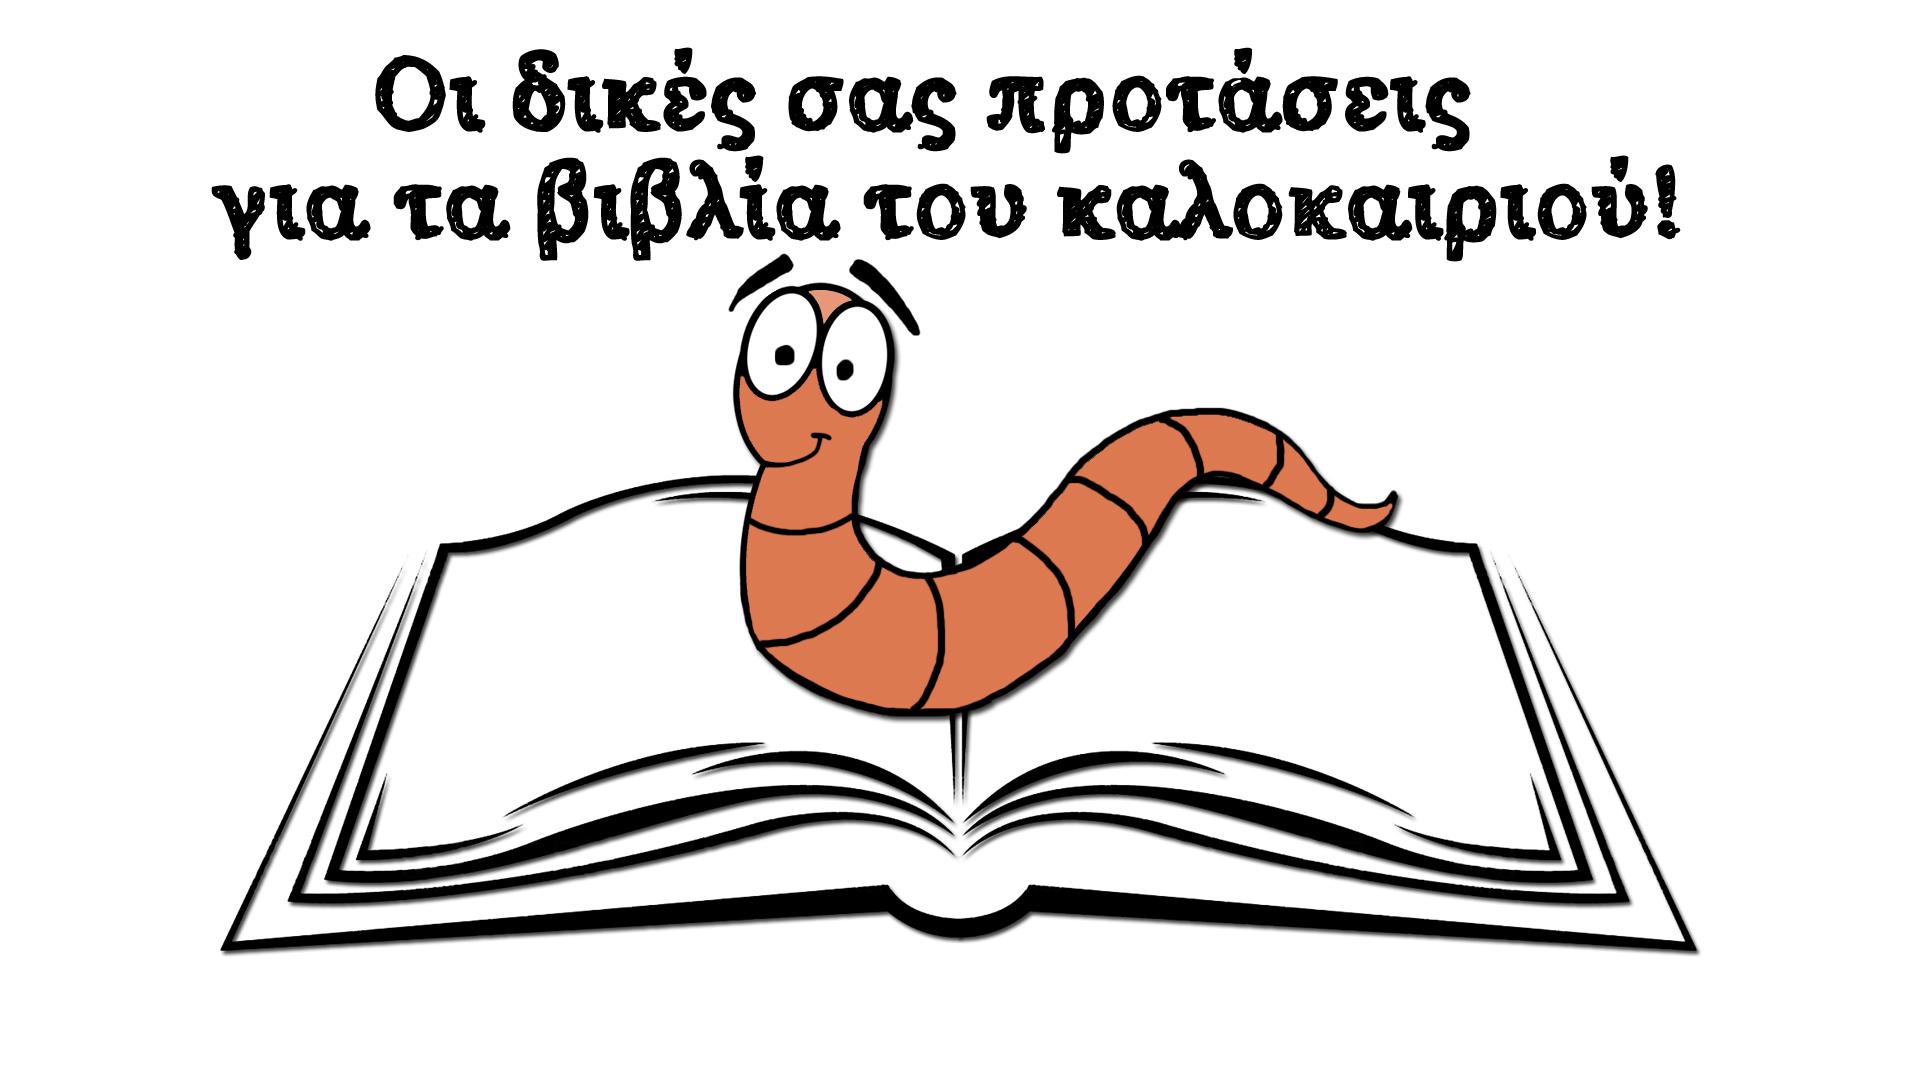 Βιβλία για το καλοκαίρι 2: Οι δικές σας προτάσεις! – Βιβλιοσκώληκες ep.10